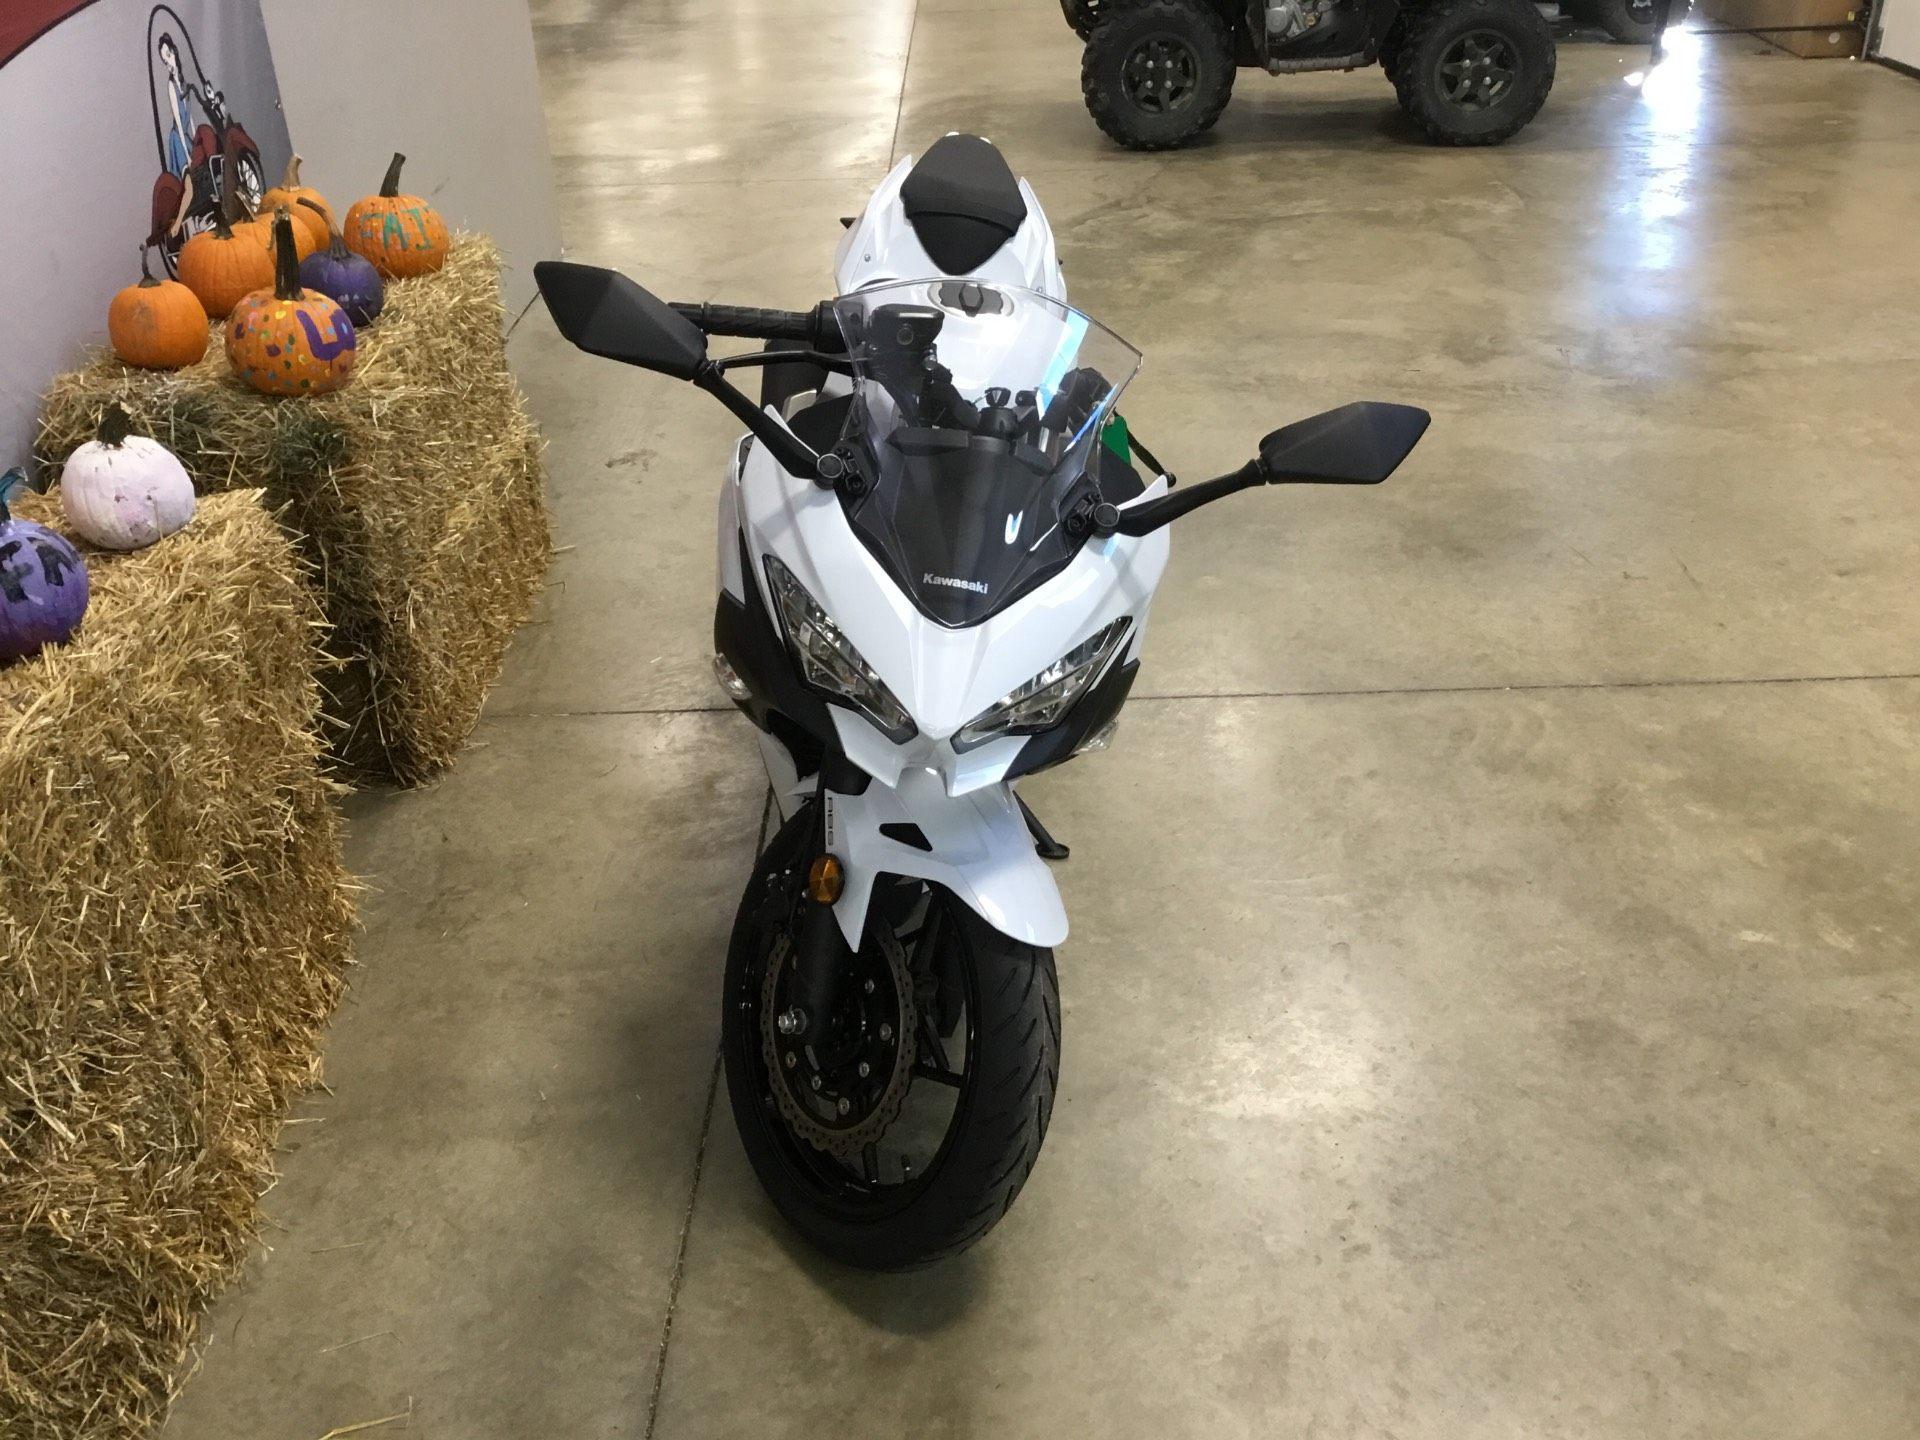 2020 Kawasaki Ninja 400 ABS 3